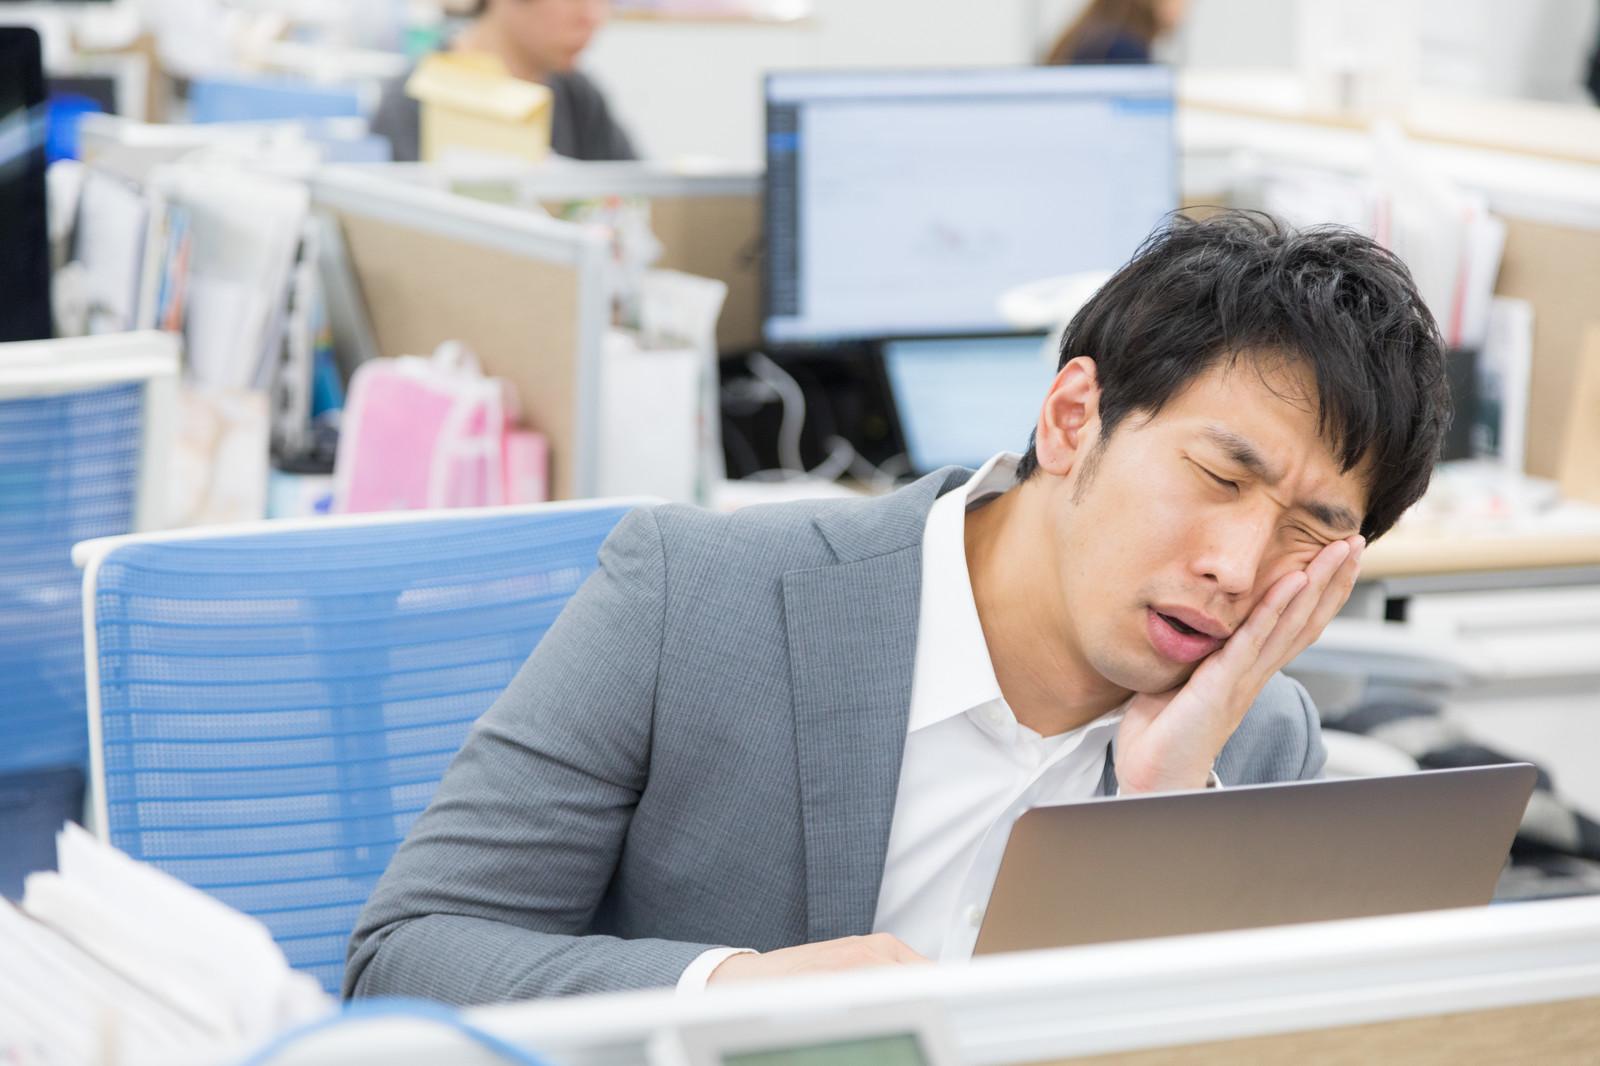 「仕事疲れた。ニートになりたい」